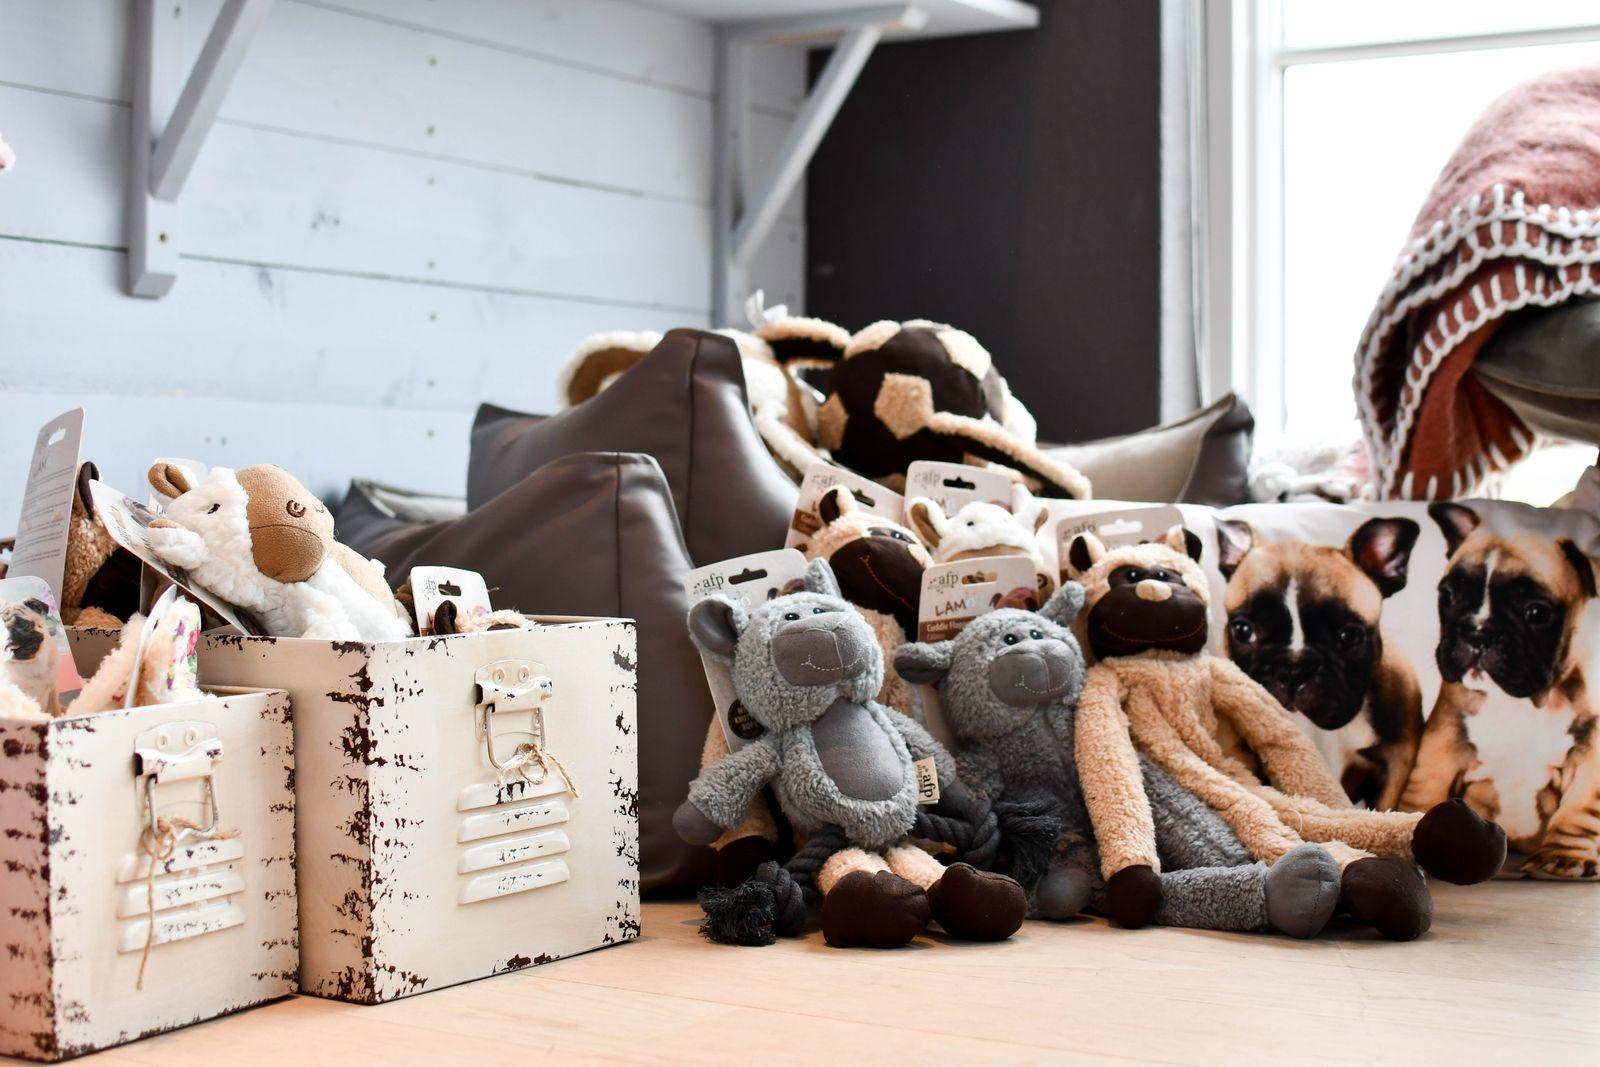 Koppel, halsband, matskålar, bäddar och leksaker, men även inredning och kläder för djurägaren utgör sortimentet.